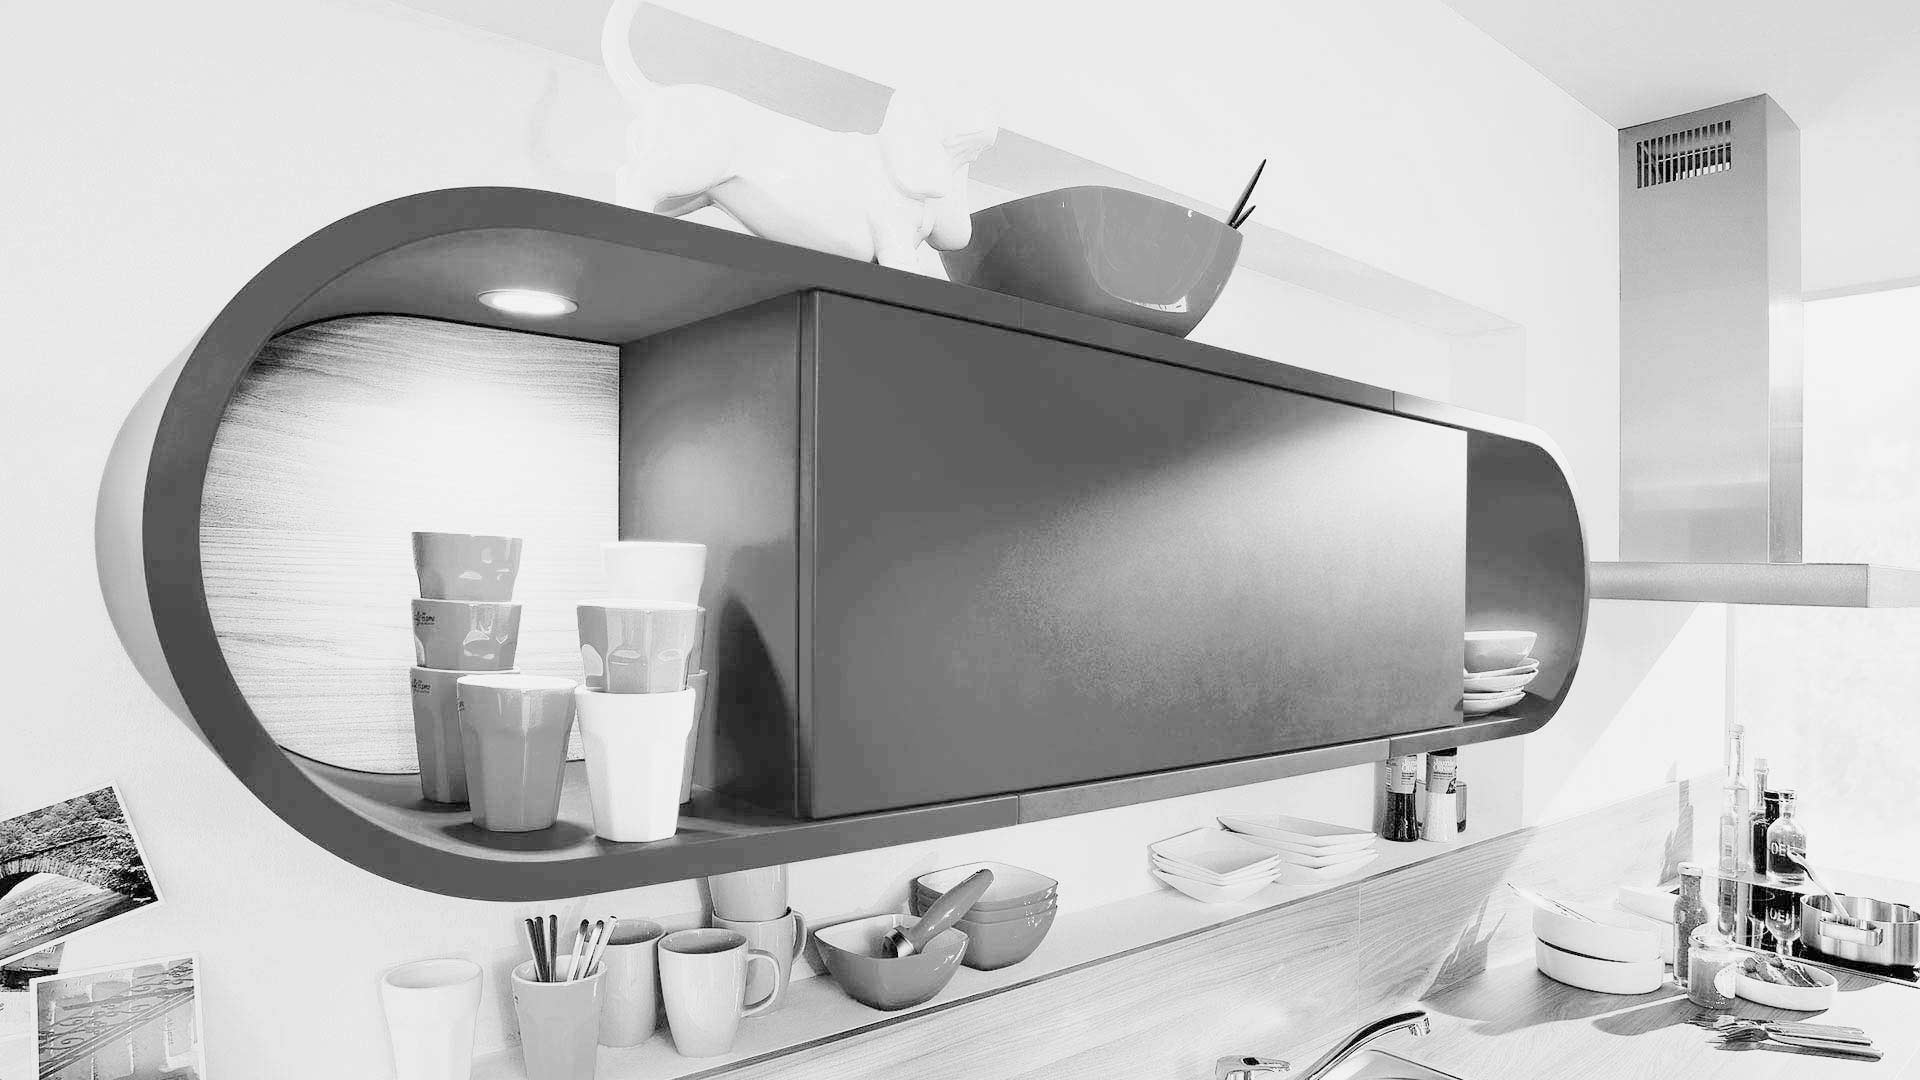 Küchen Bremerhaven global küchen specials in norden ot neustadt nahe emden